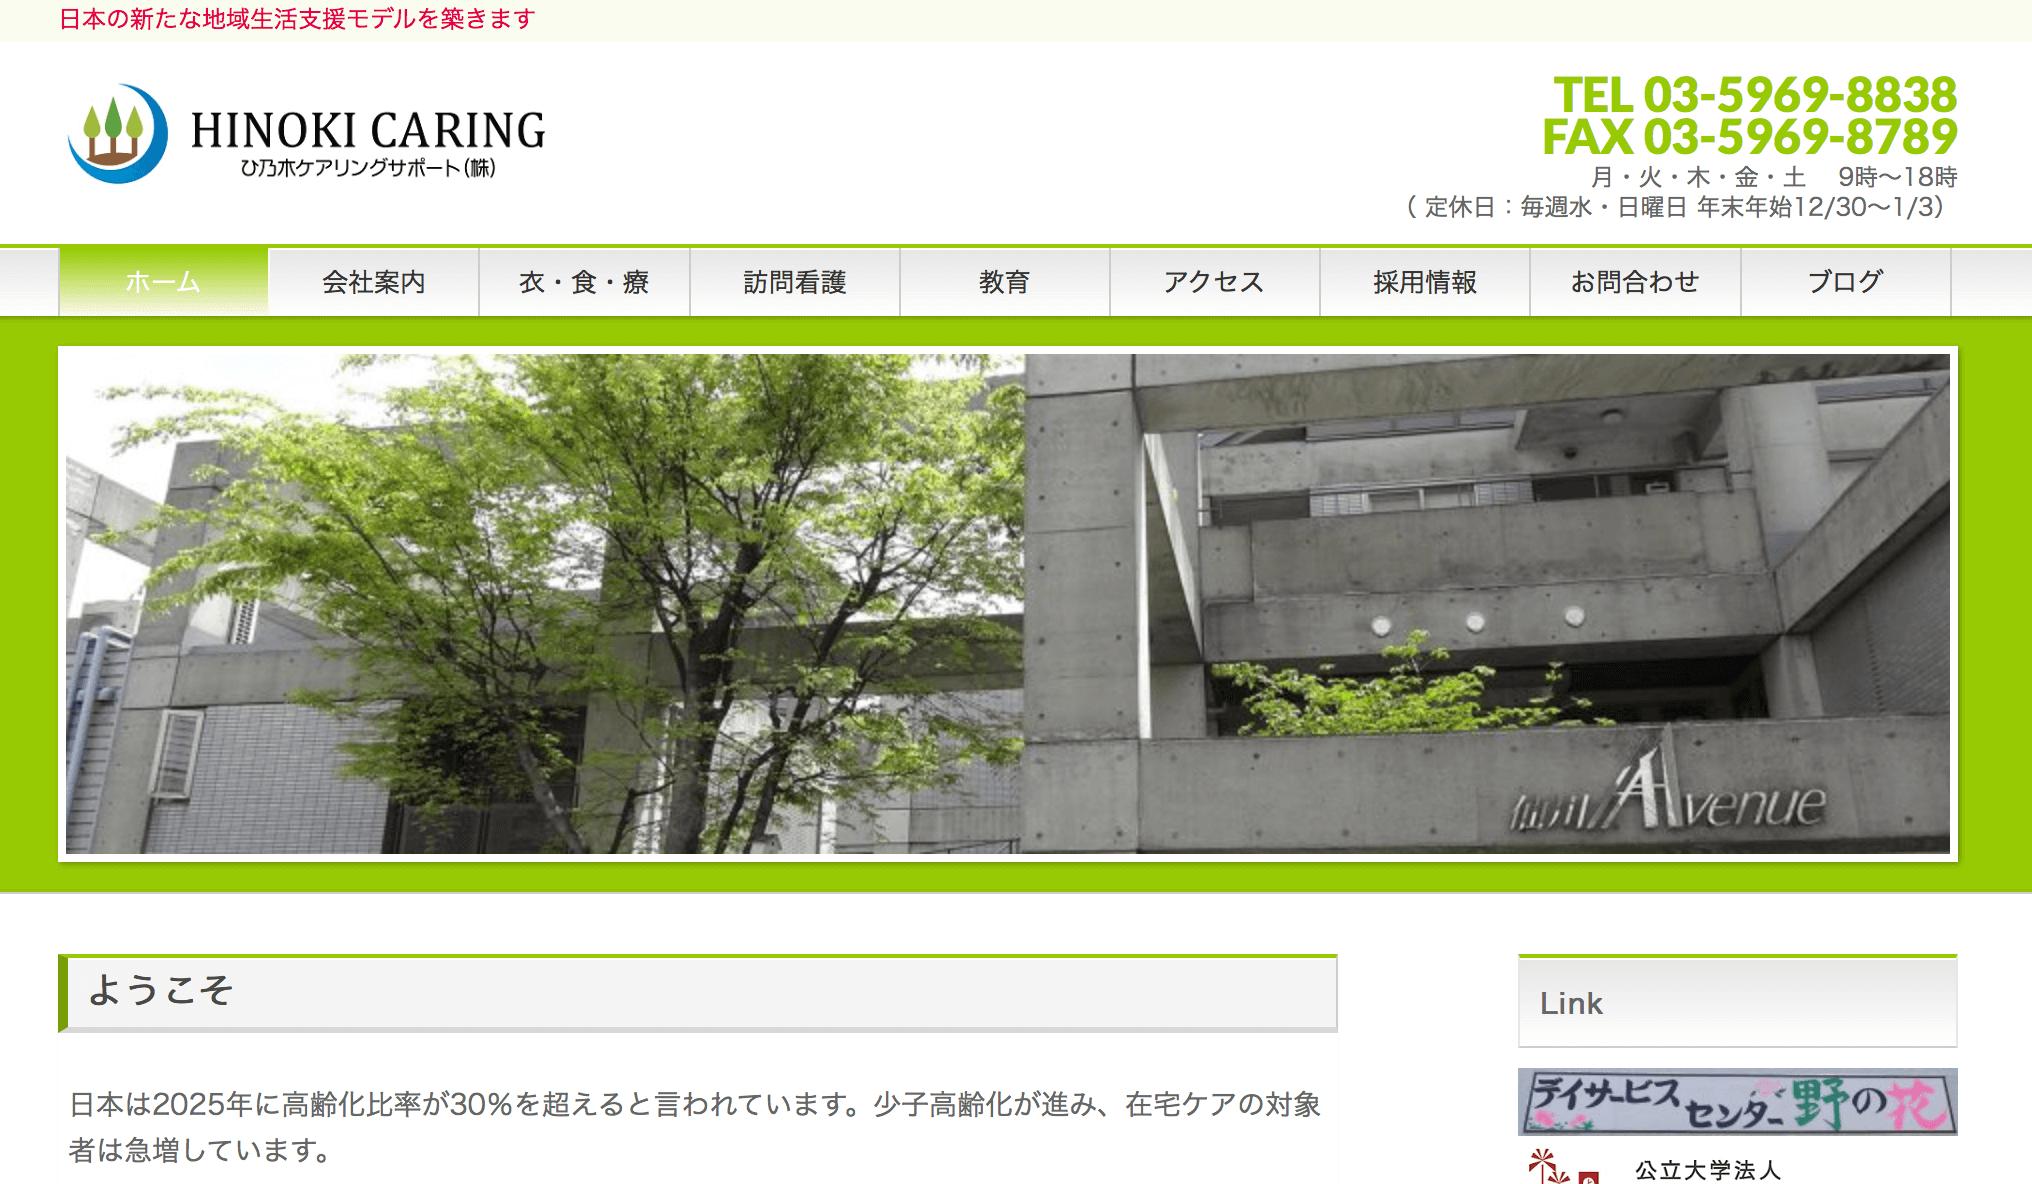 ひ乃木ケアリングサポート株式会社様